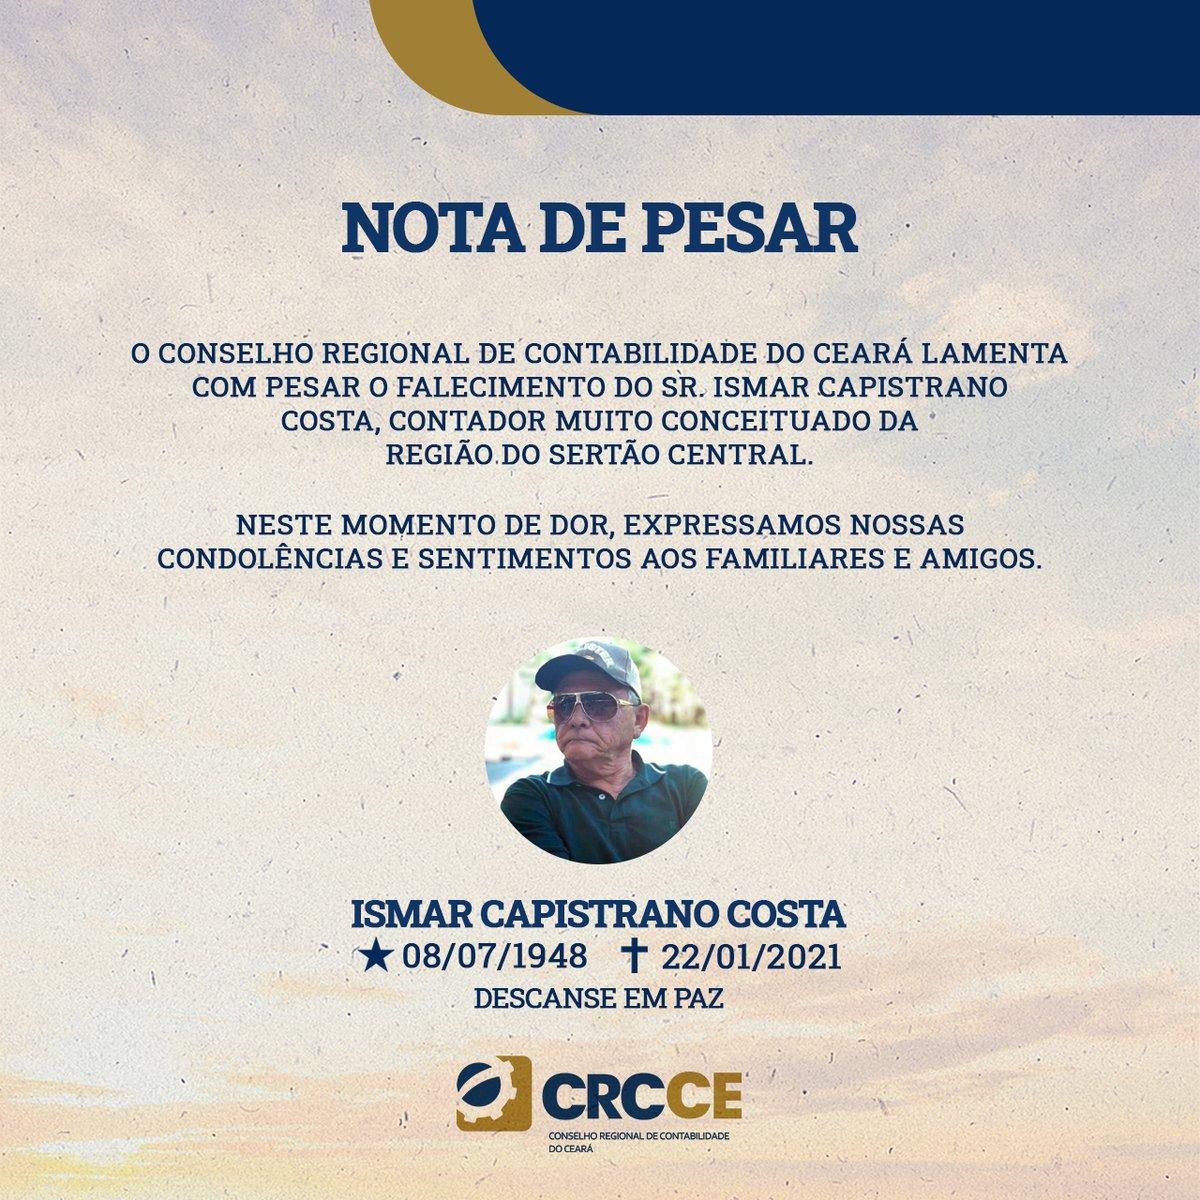 Na última sexta-feira, 22, um grande profissional, homem e amigo nos deixou. , Sr. Ismar Capistrano Costa, faleceu, mas deixou seu legado para os profissionais da cidade de Quixadá. ⠀ Nossos sentimentos à família e que descanse em paz.  #CRCCE #contabilidade #Eterno